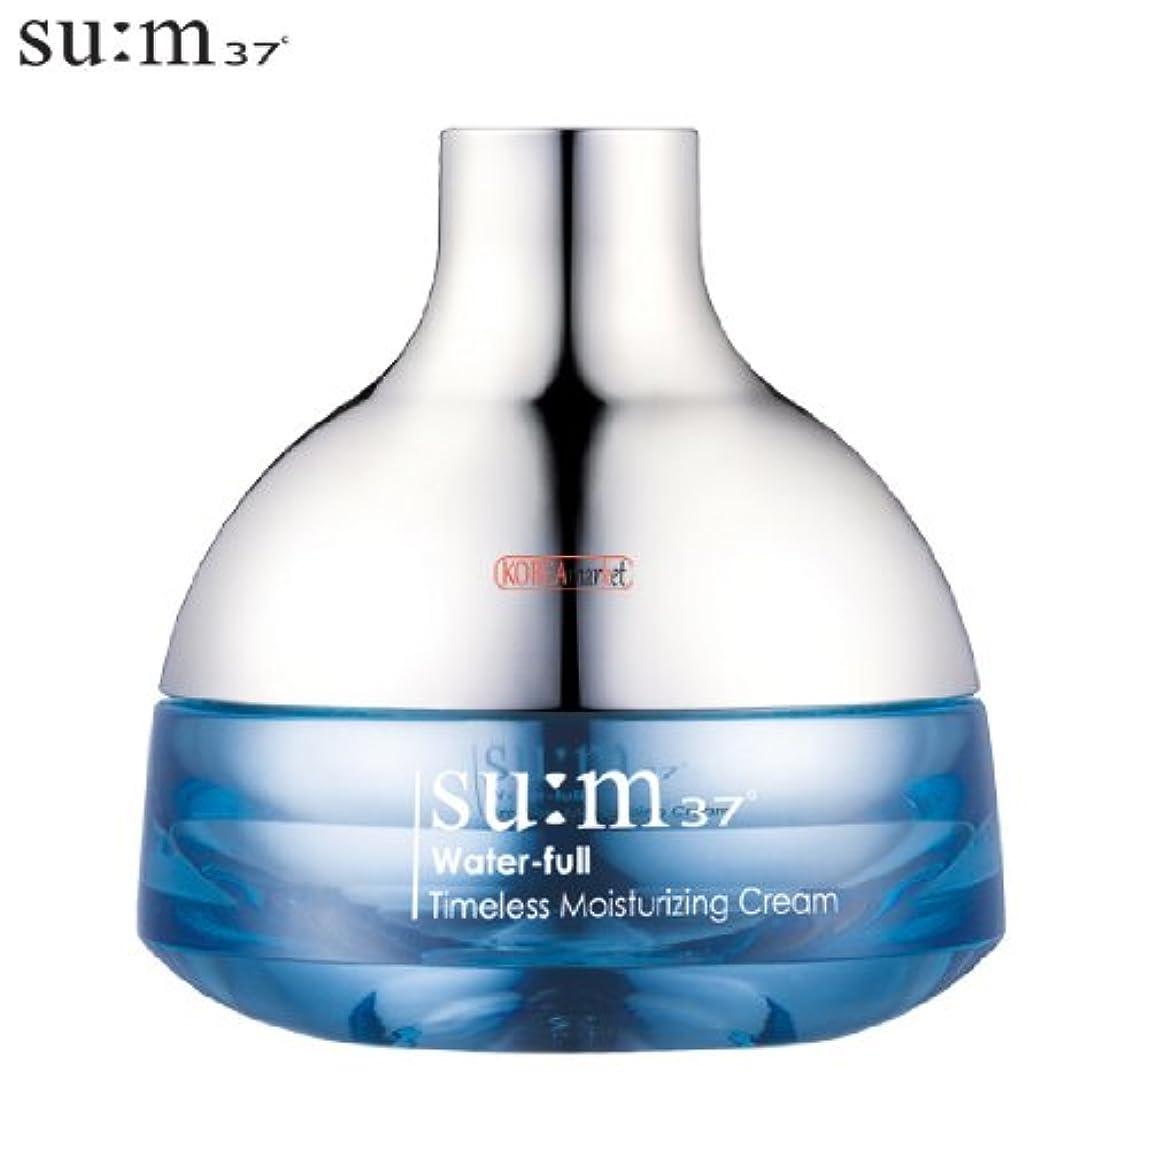 旋回きらめき贅沢なsu:m37°(スム37°)ウォーターフル タイムレス モイスチャライジングクリーム 海外直送品